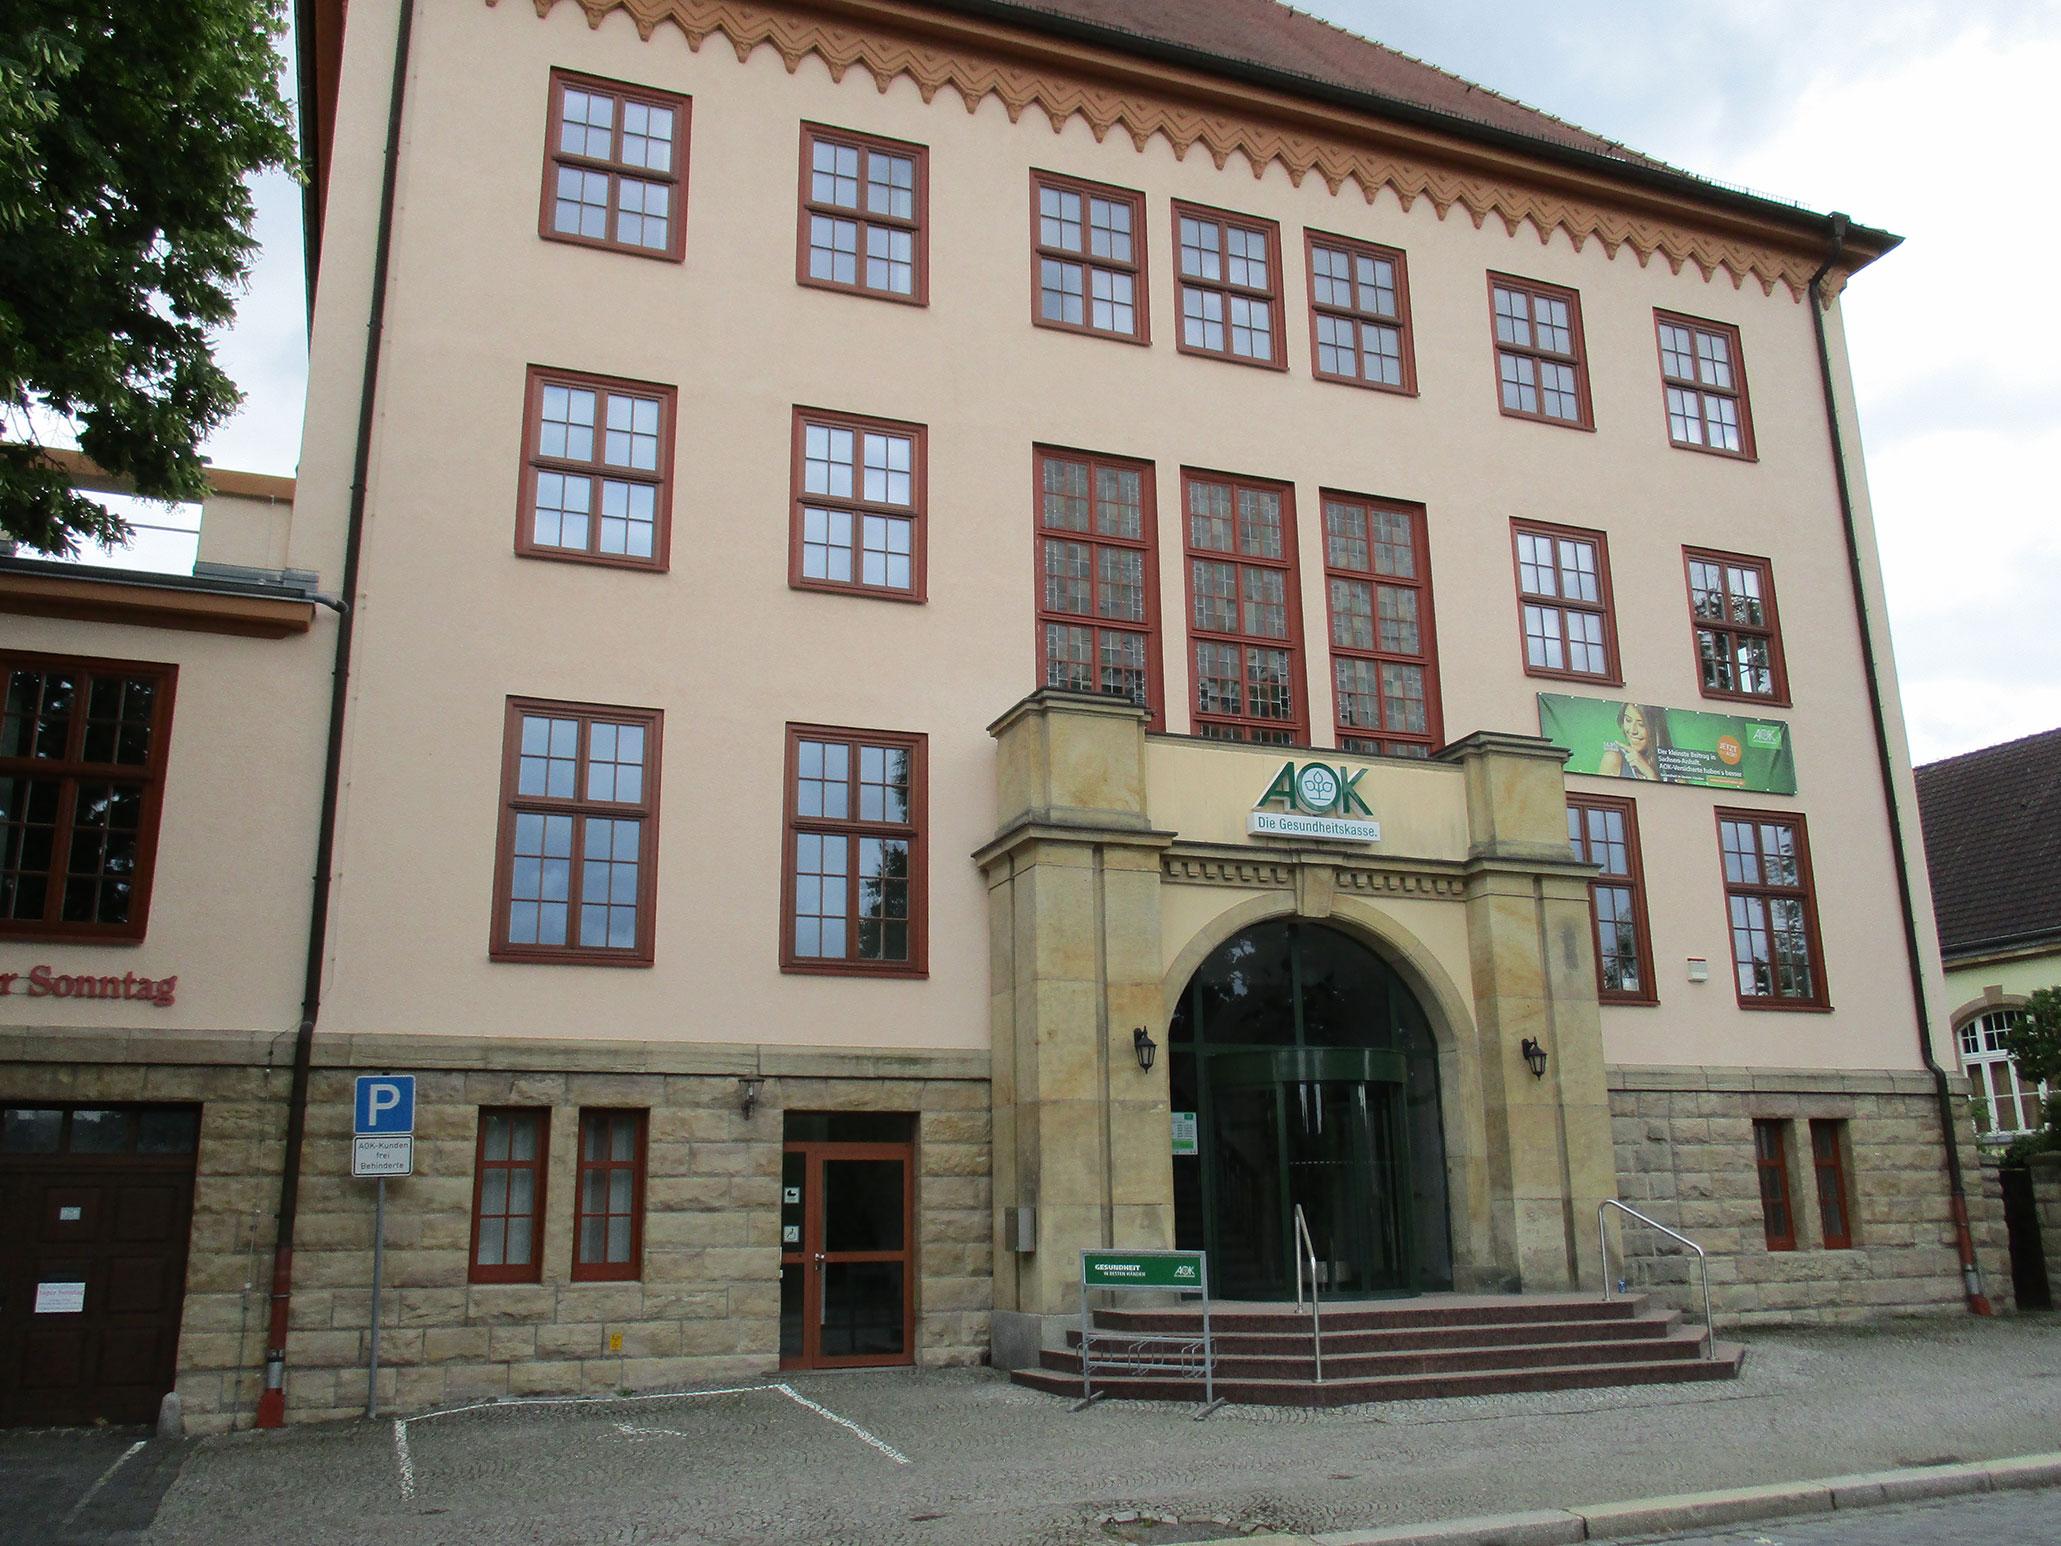 AOK Sachsen-Anhalt